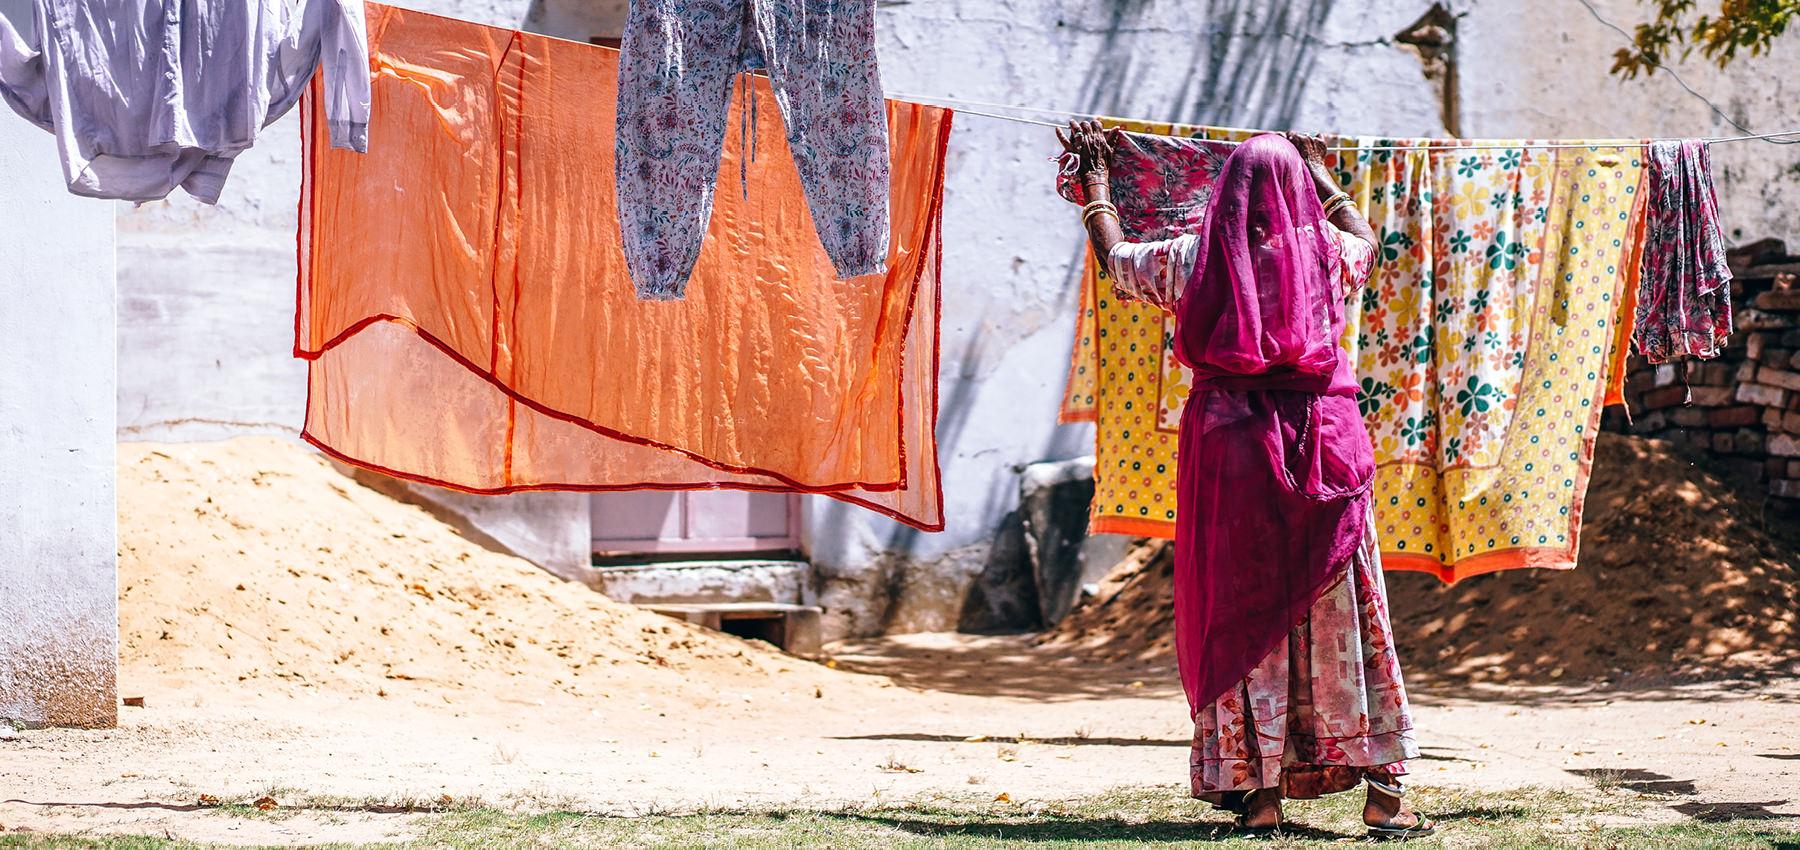 Frau, die Wäsche aufhängt, Raum Indien